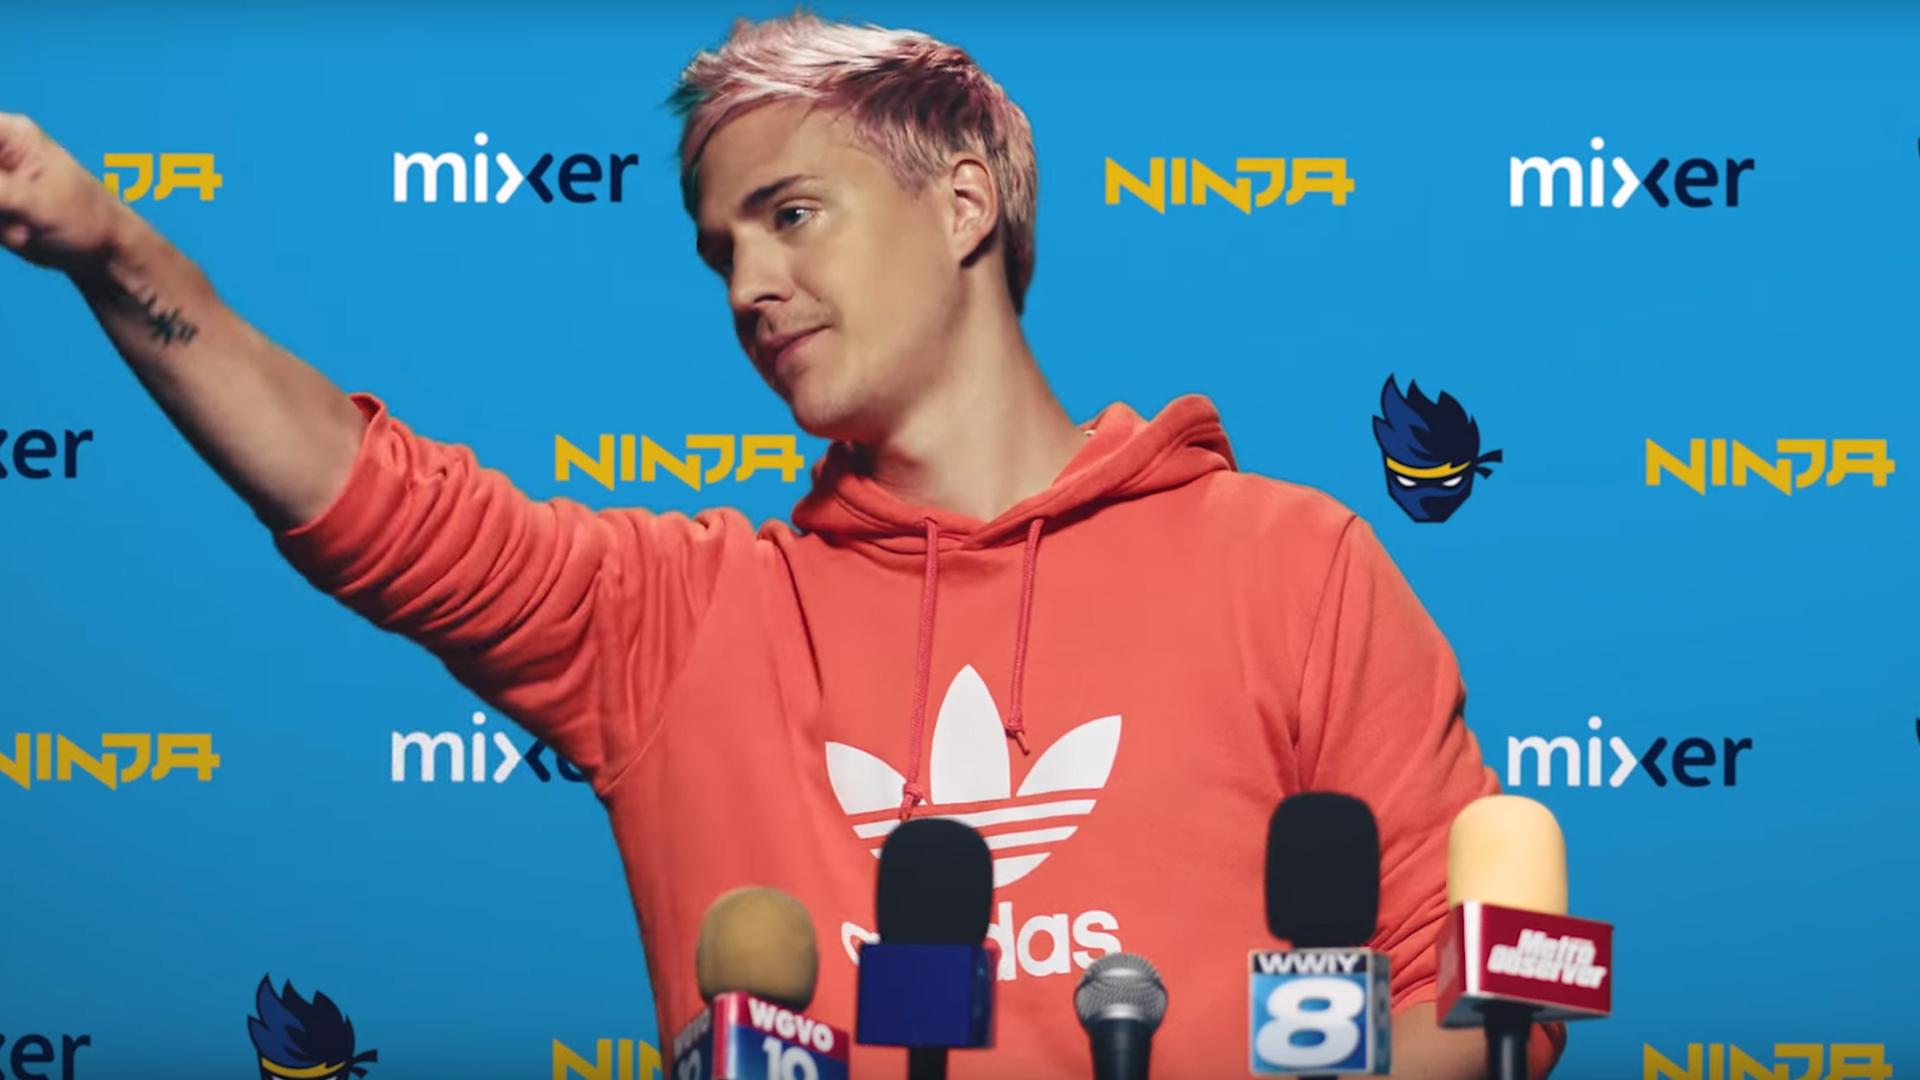 Ninja 11102019 2